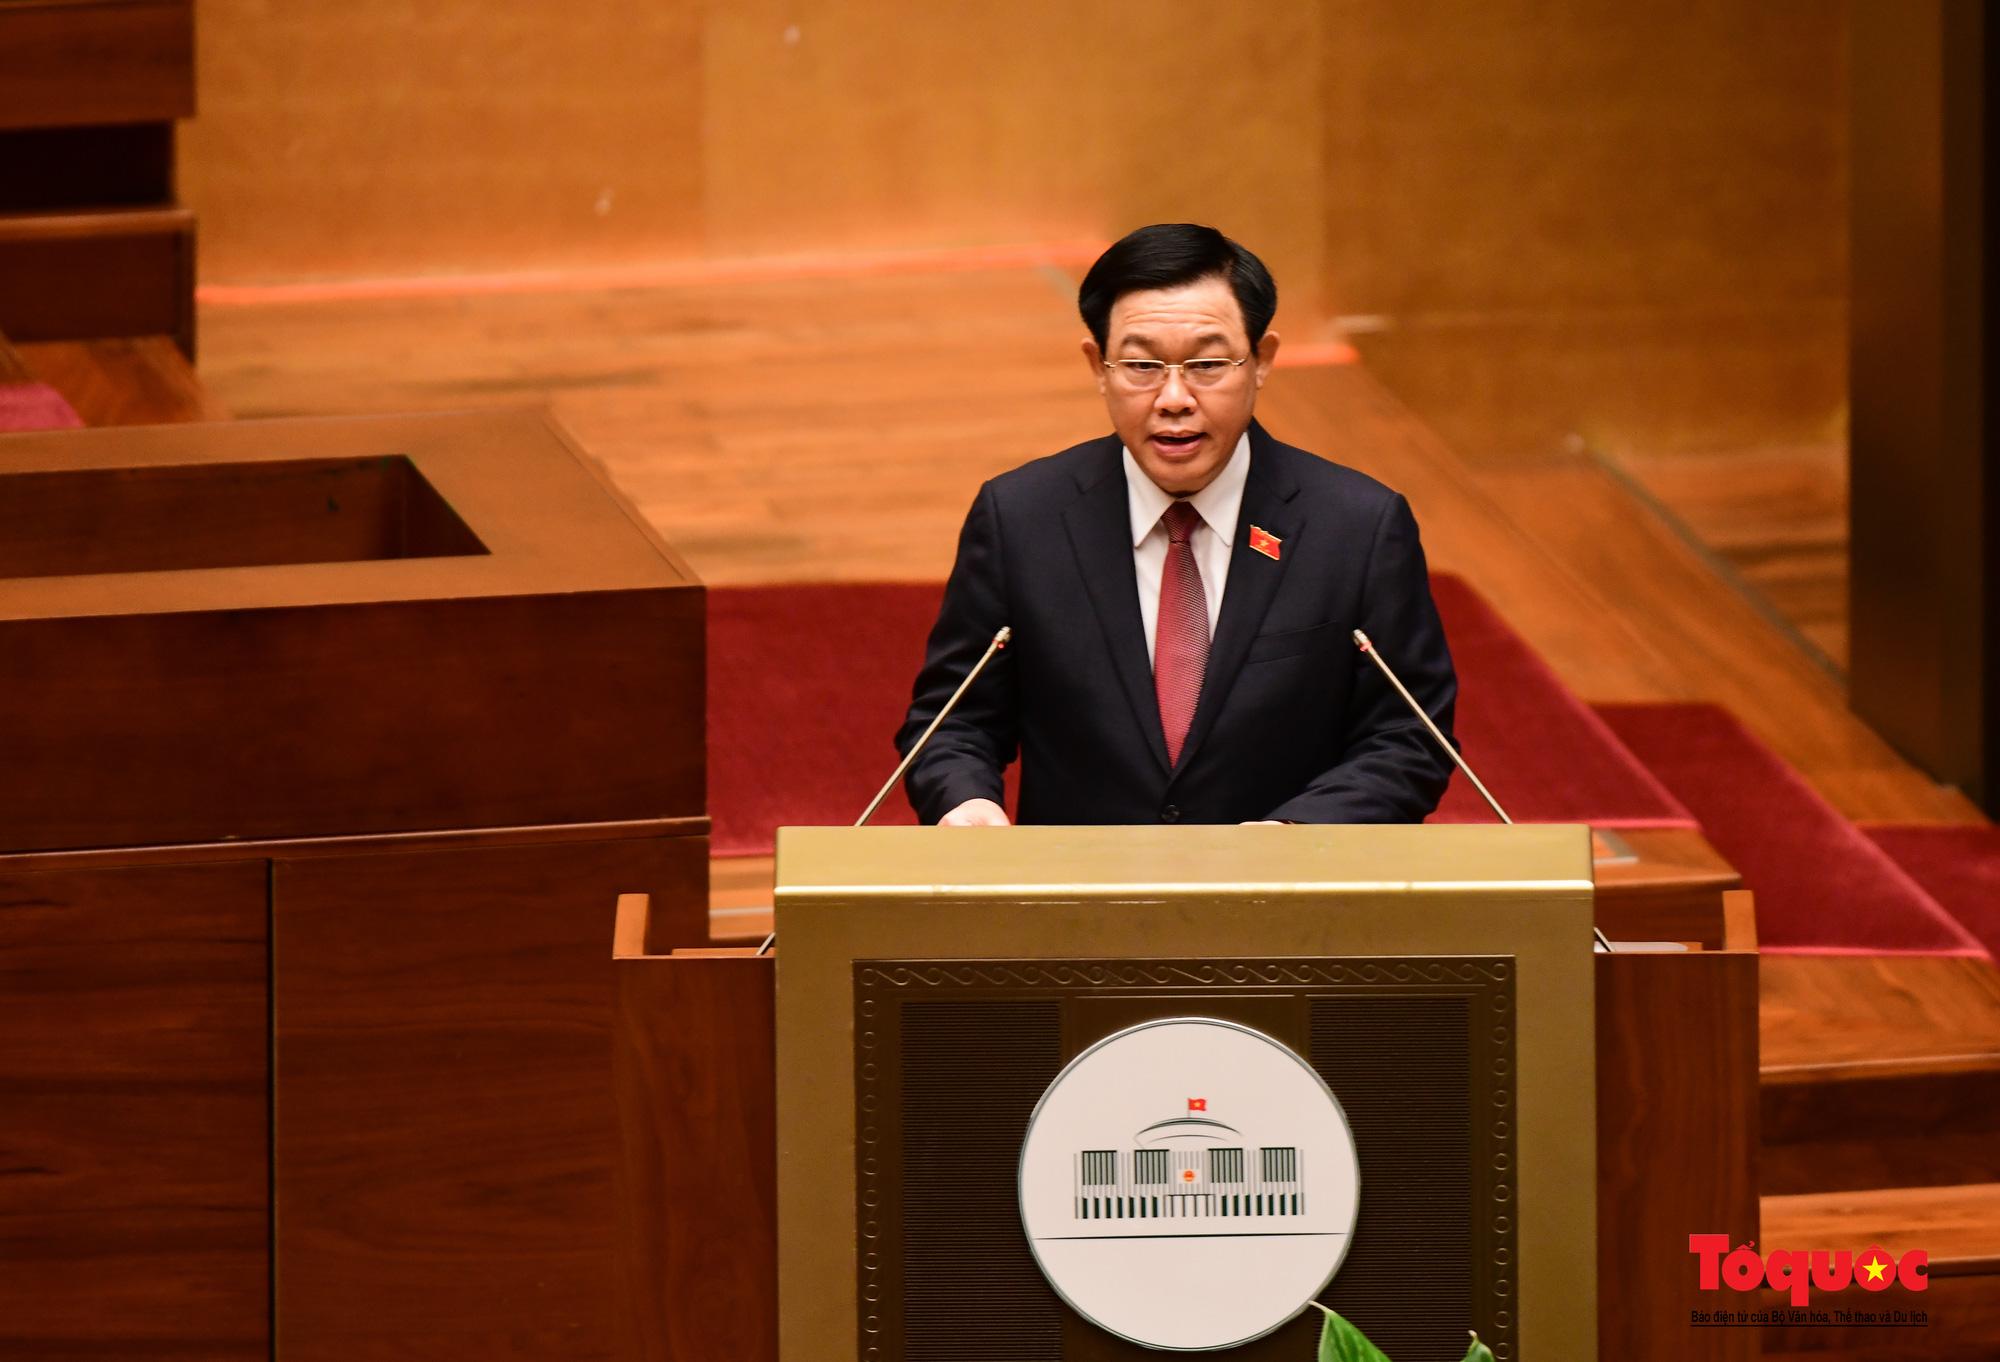 Chùm ảnh: Khai mạc trọng thể Kỳ họp thứ nhất, Quốc hội khóa XV - Ảnh 3.